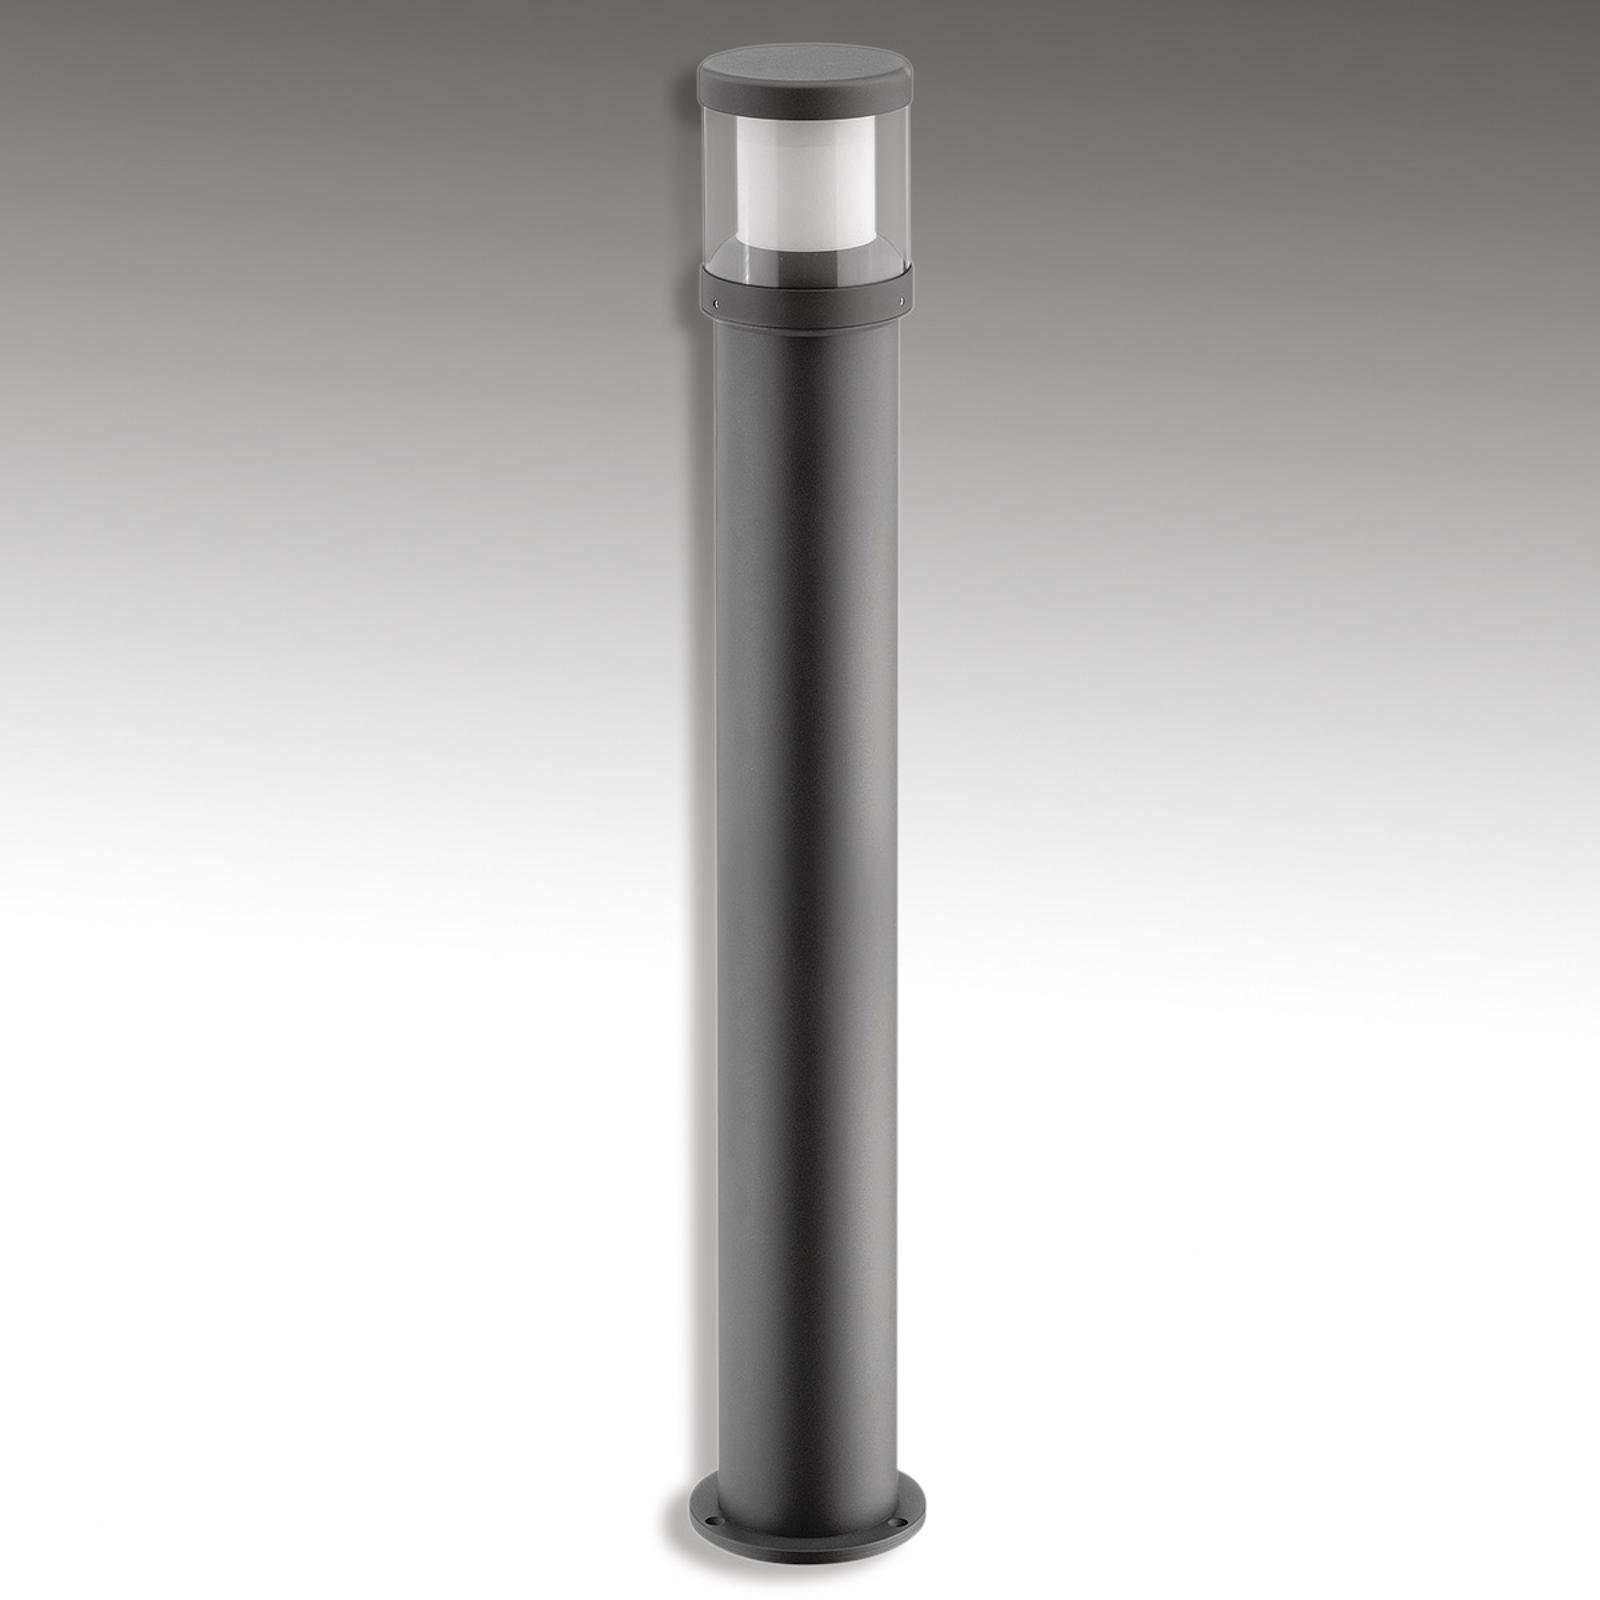 Actueel uitgeruste LED padlamp Levent - IP65